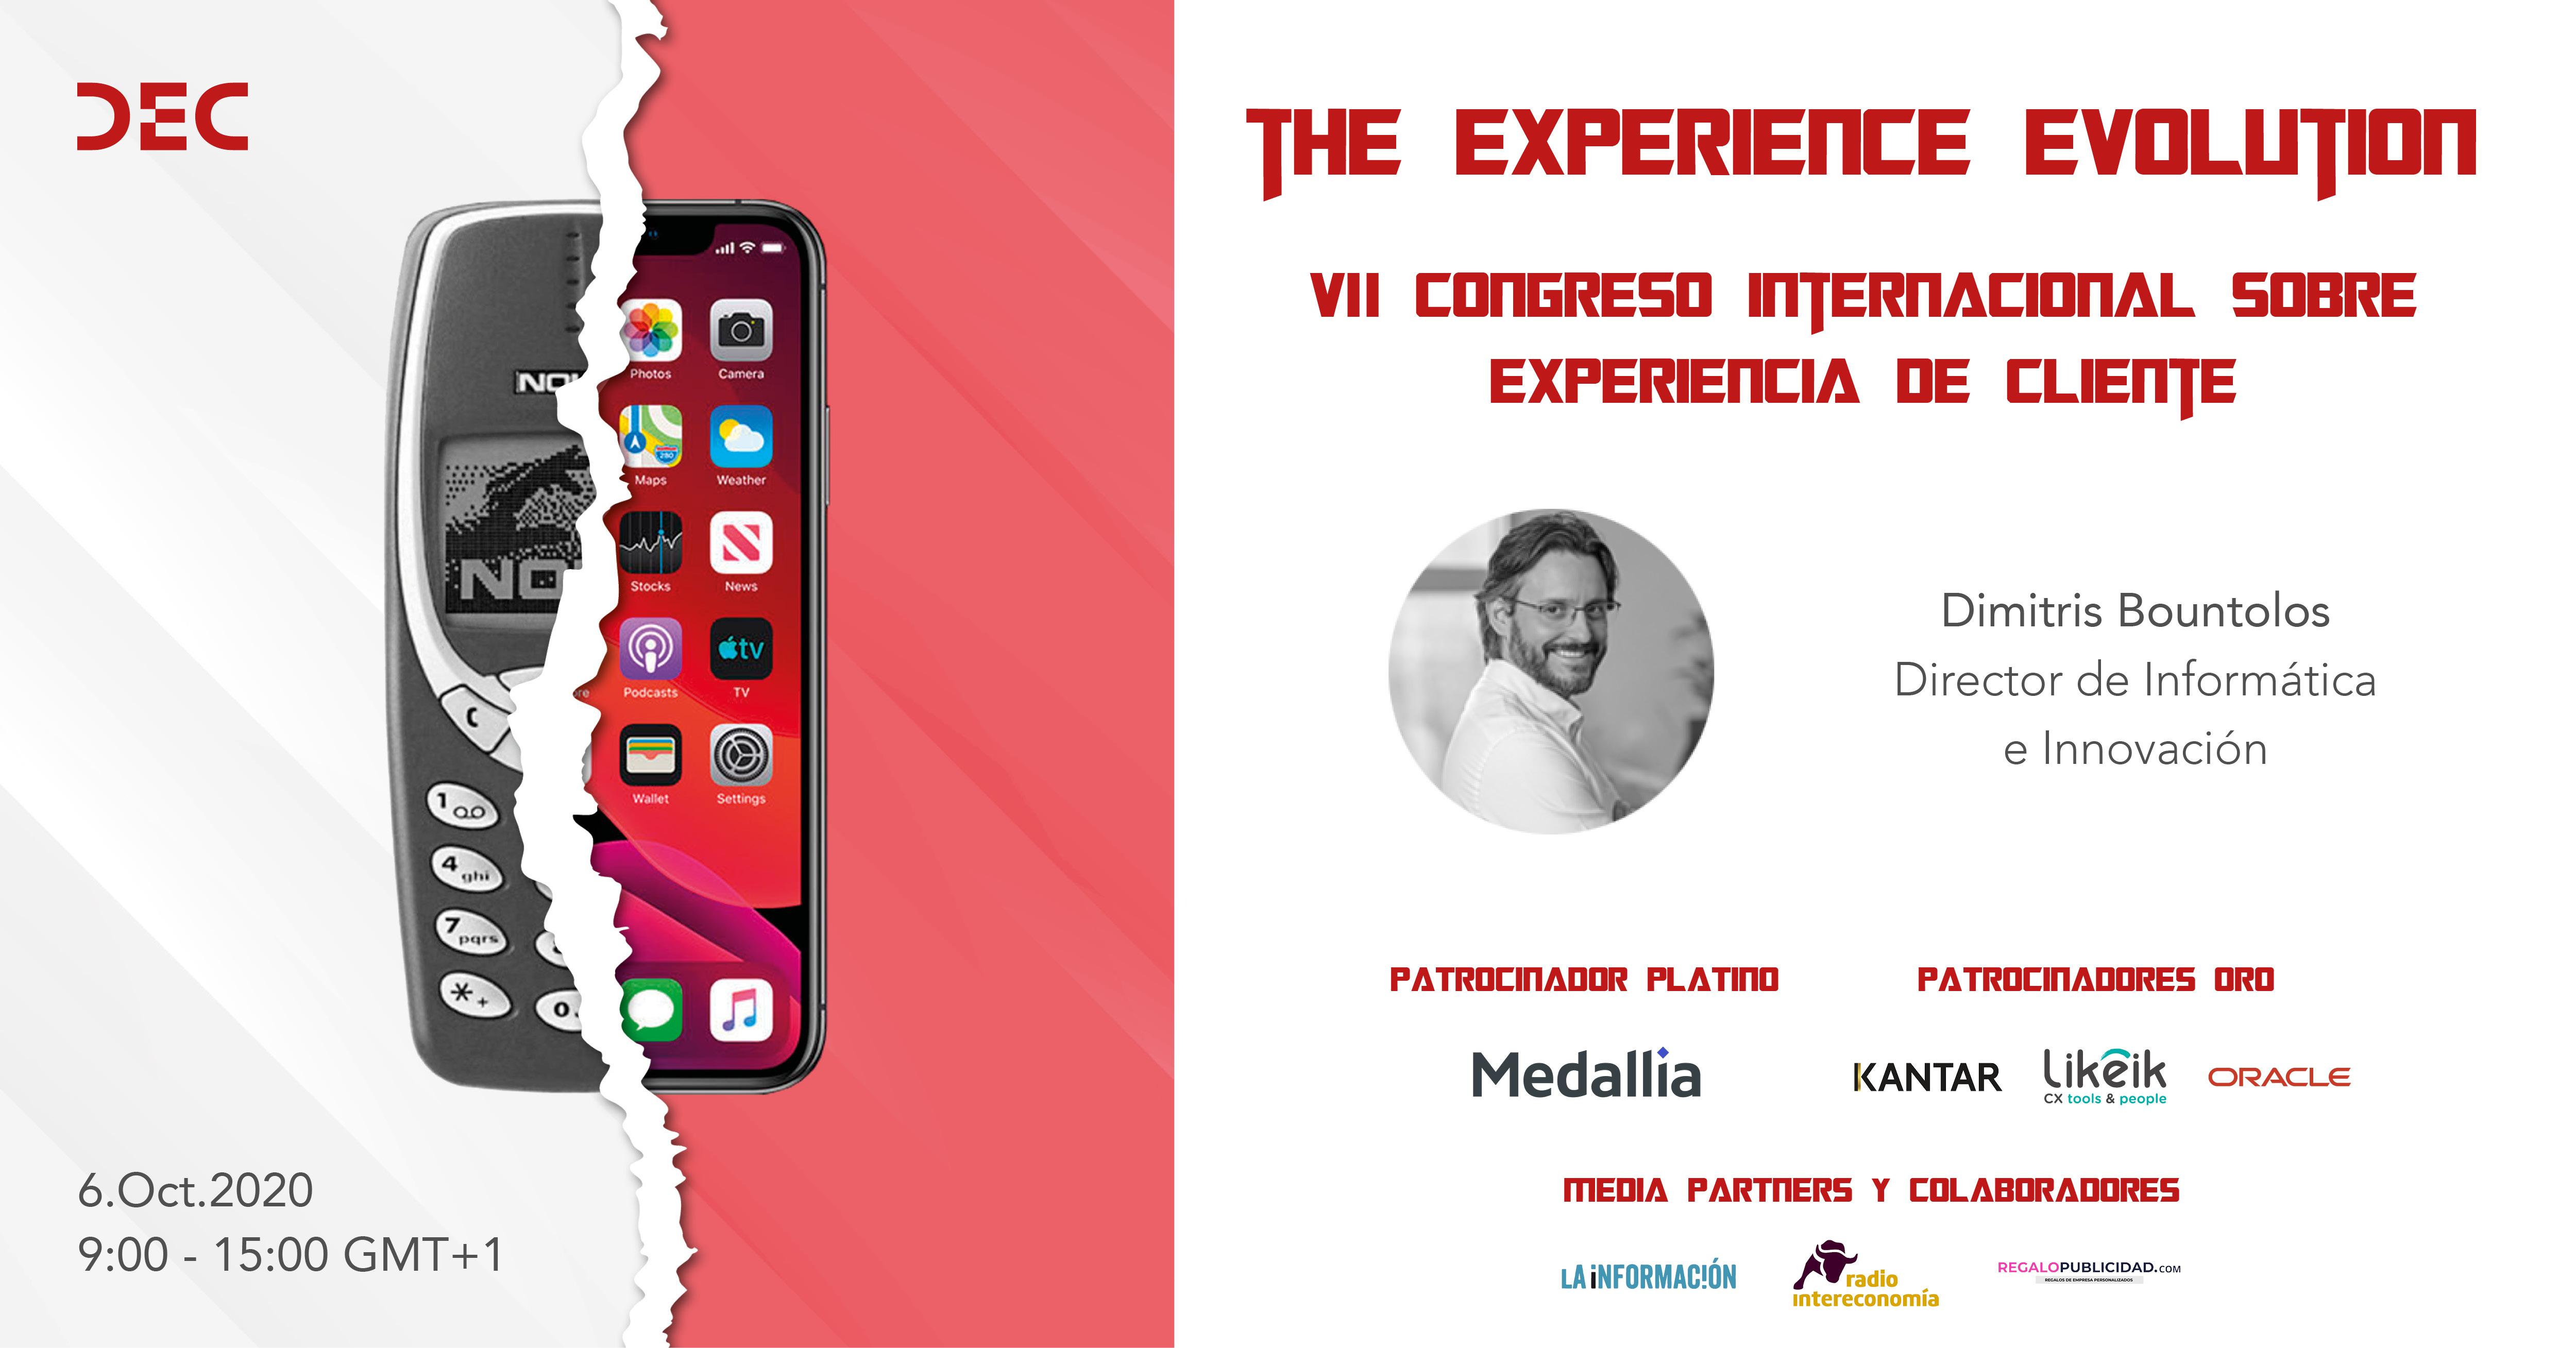 Dimitris Bountolos en el VII Congreso DEC - Presentacion